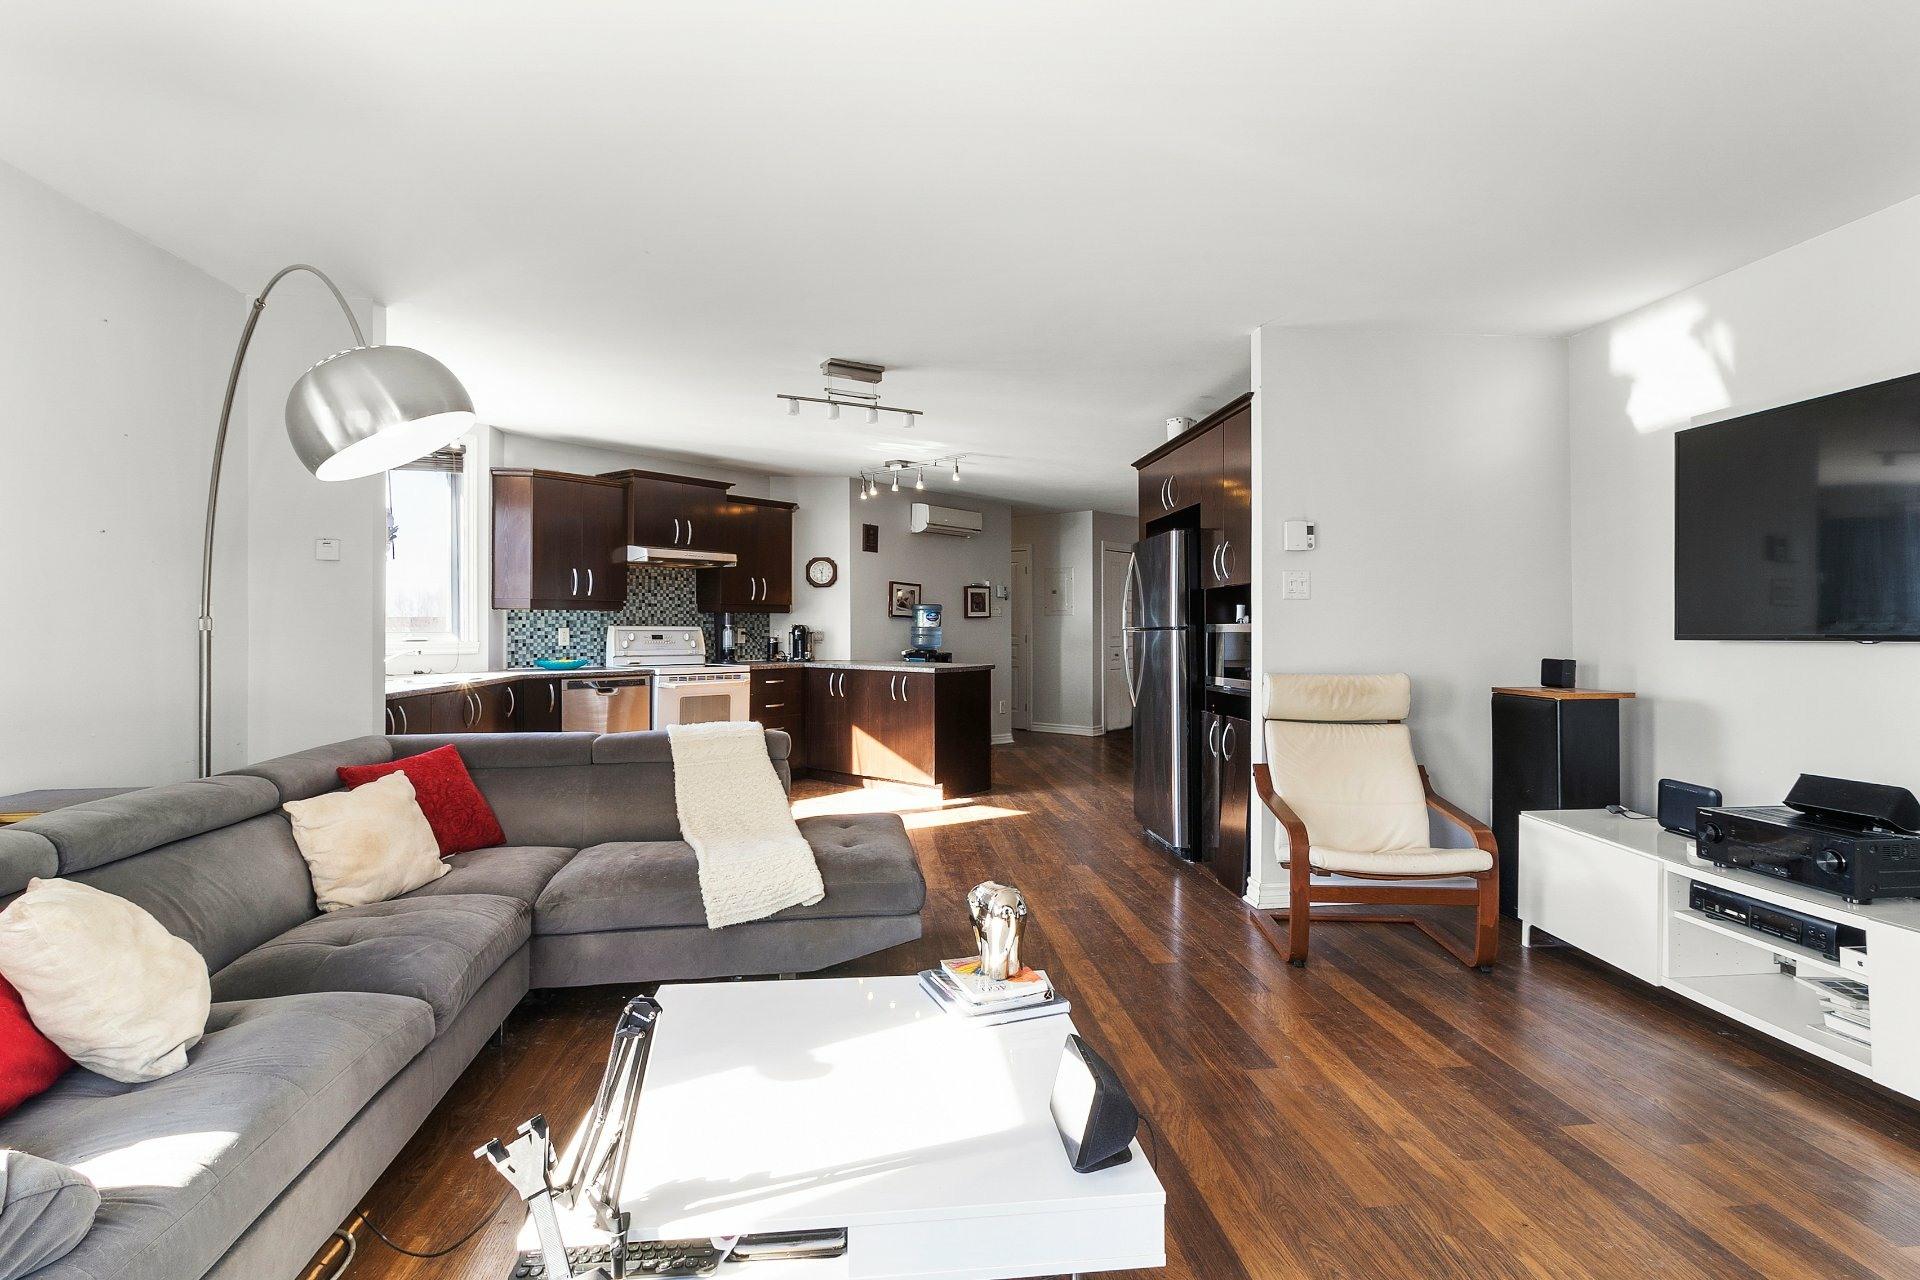 image 9 - Appartement À vendre Brossard - 6 pièces